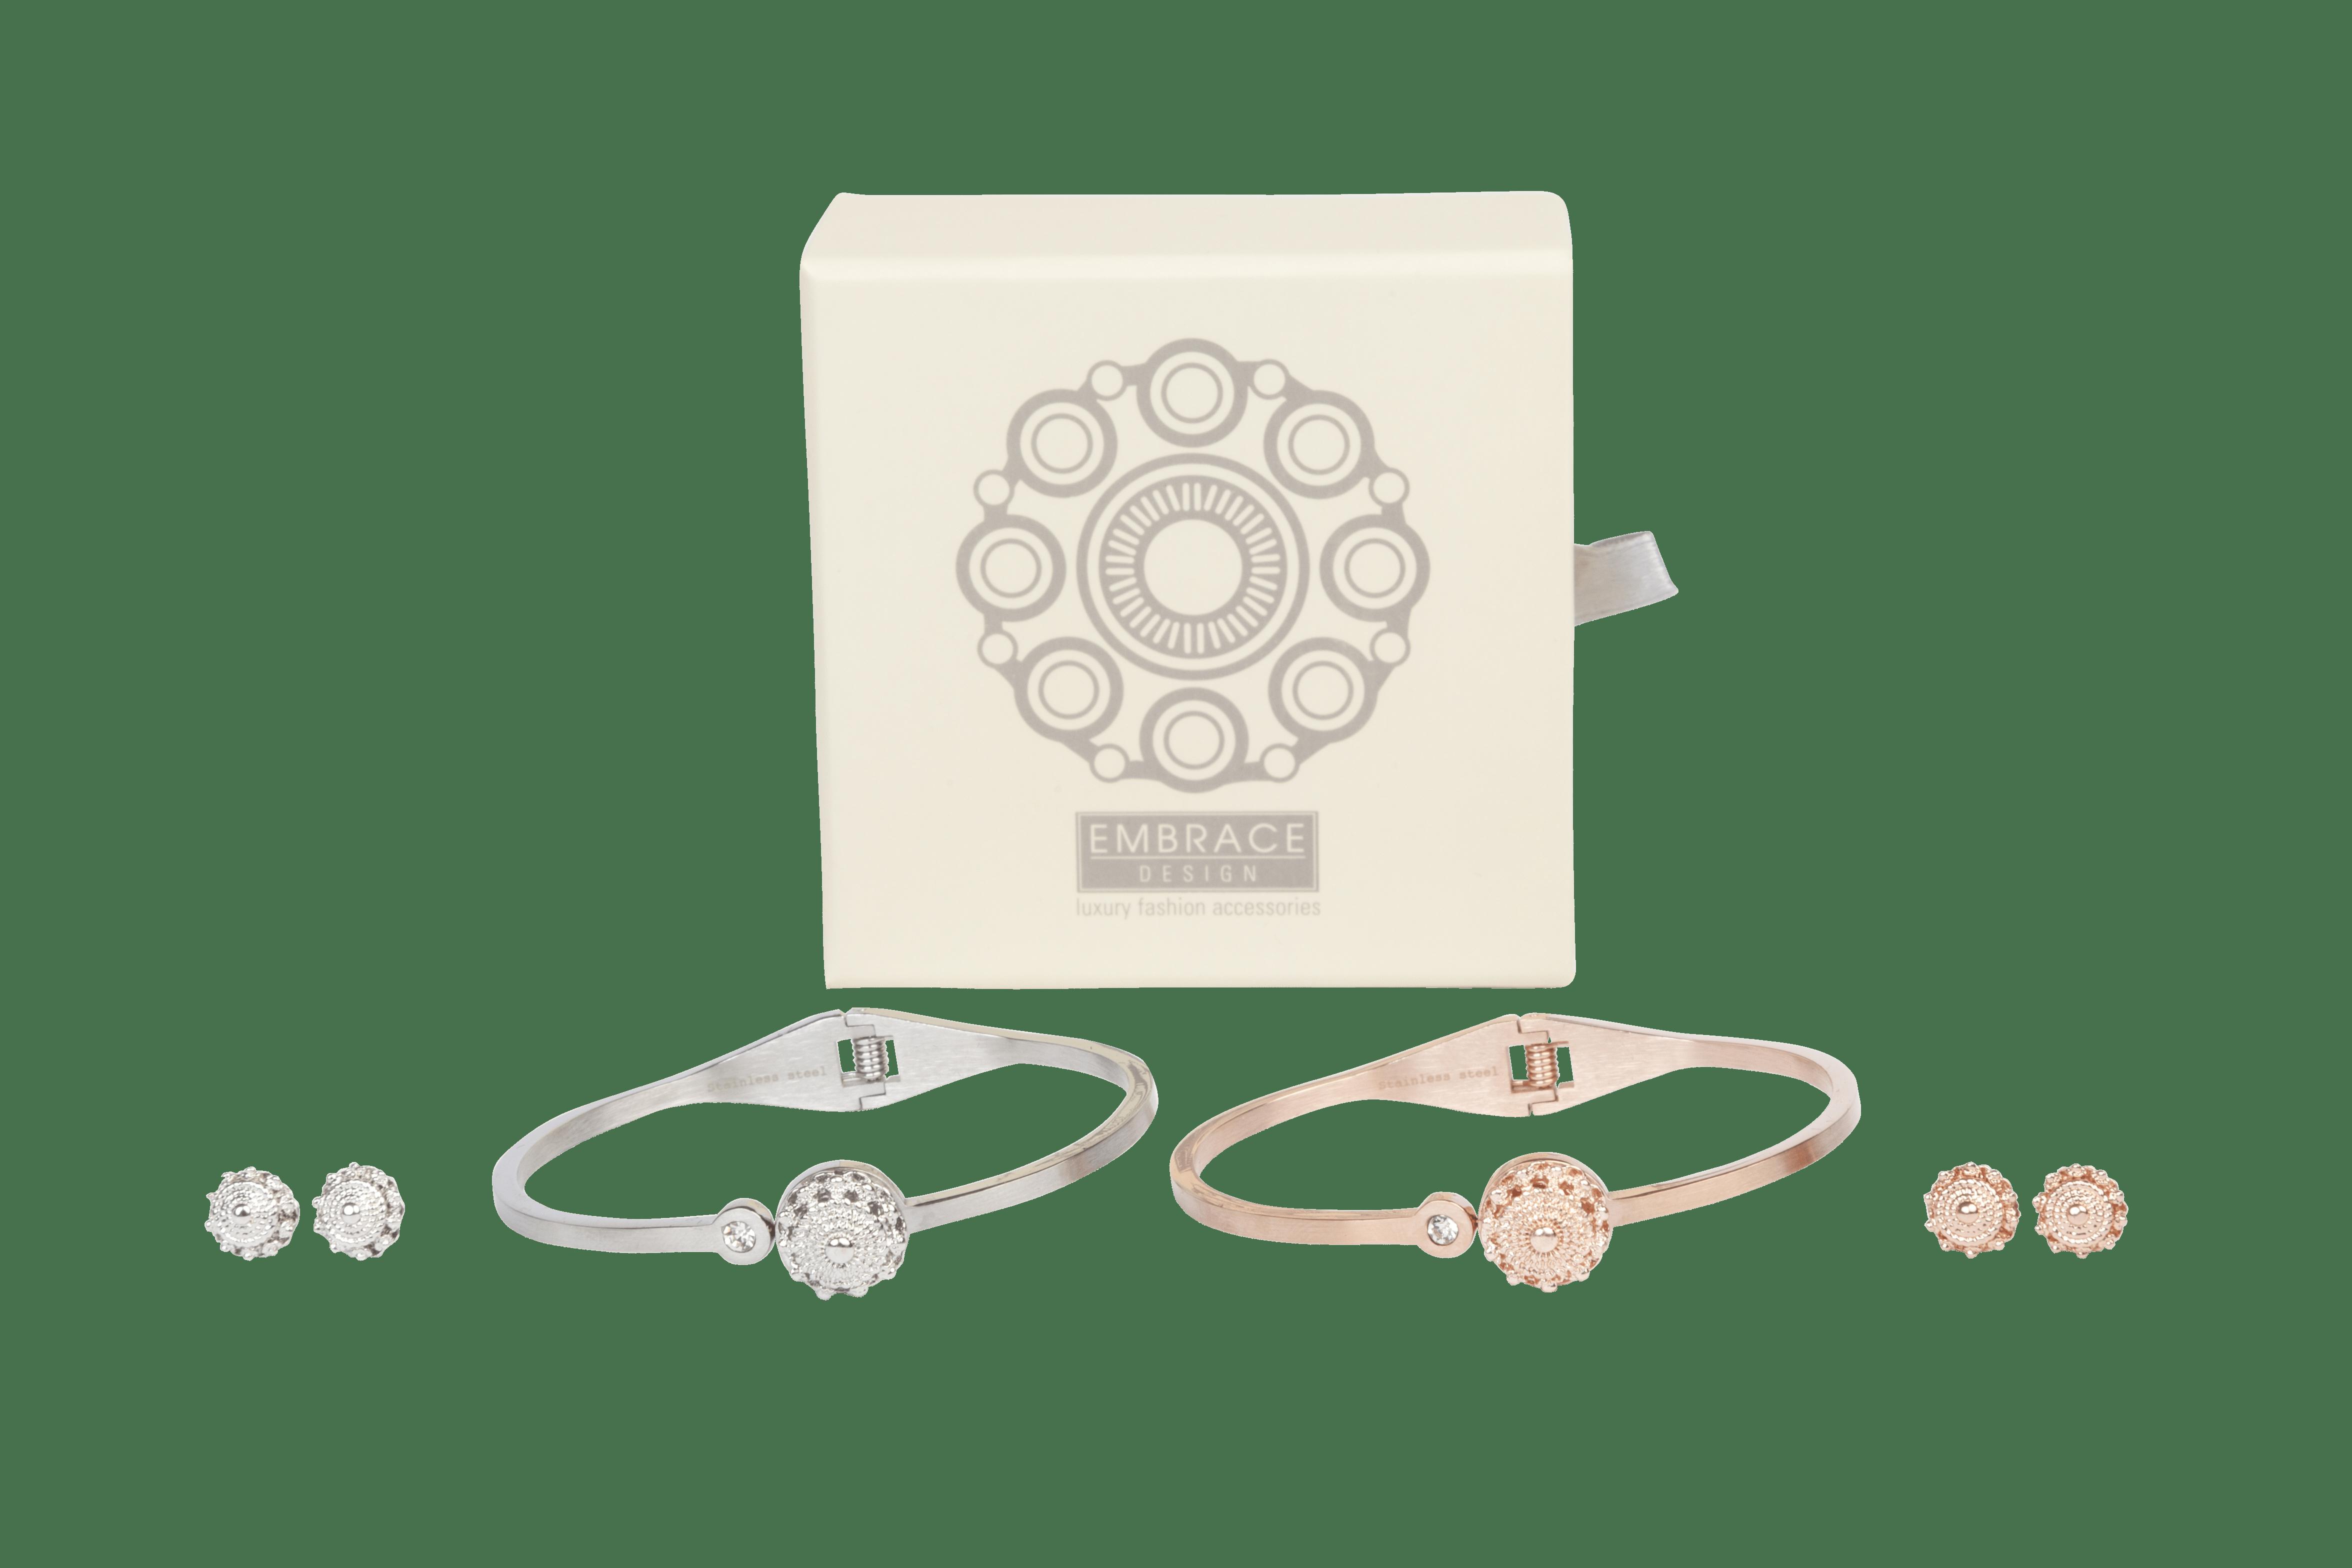 Zeeuwse knop sieraden set met armband en oorbellen van stainless steel waarin het Zeeuwse knoopje subtiel verwerkt is.